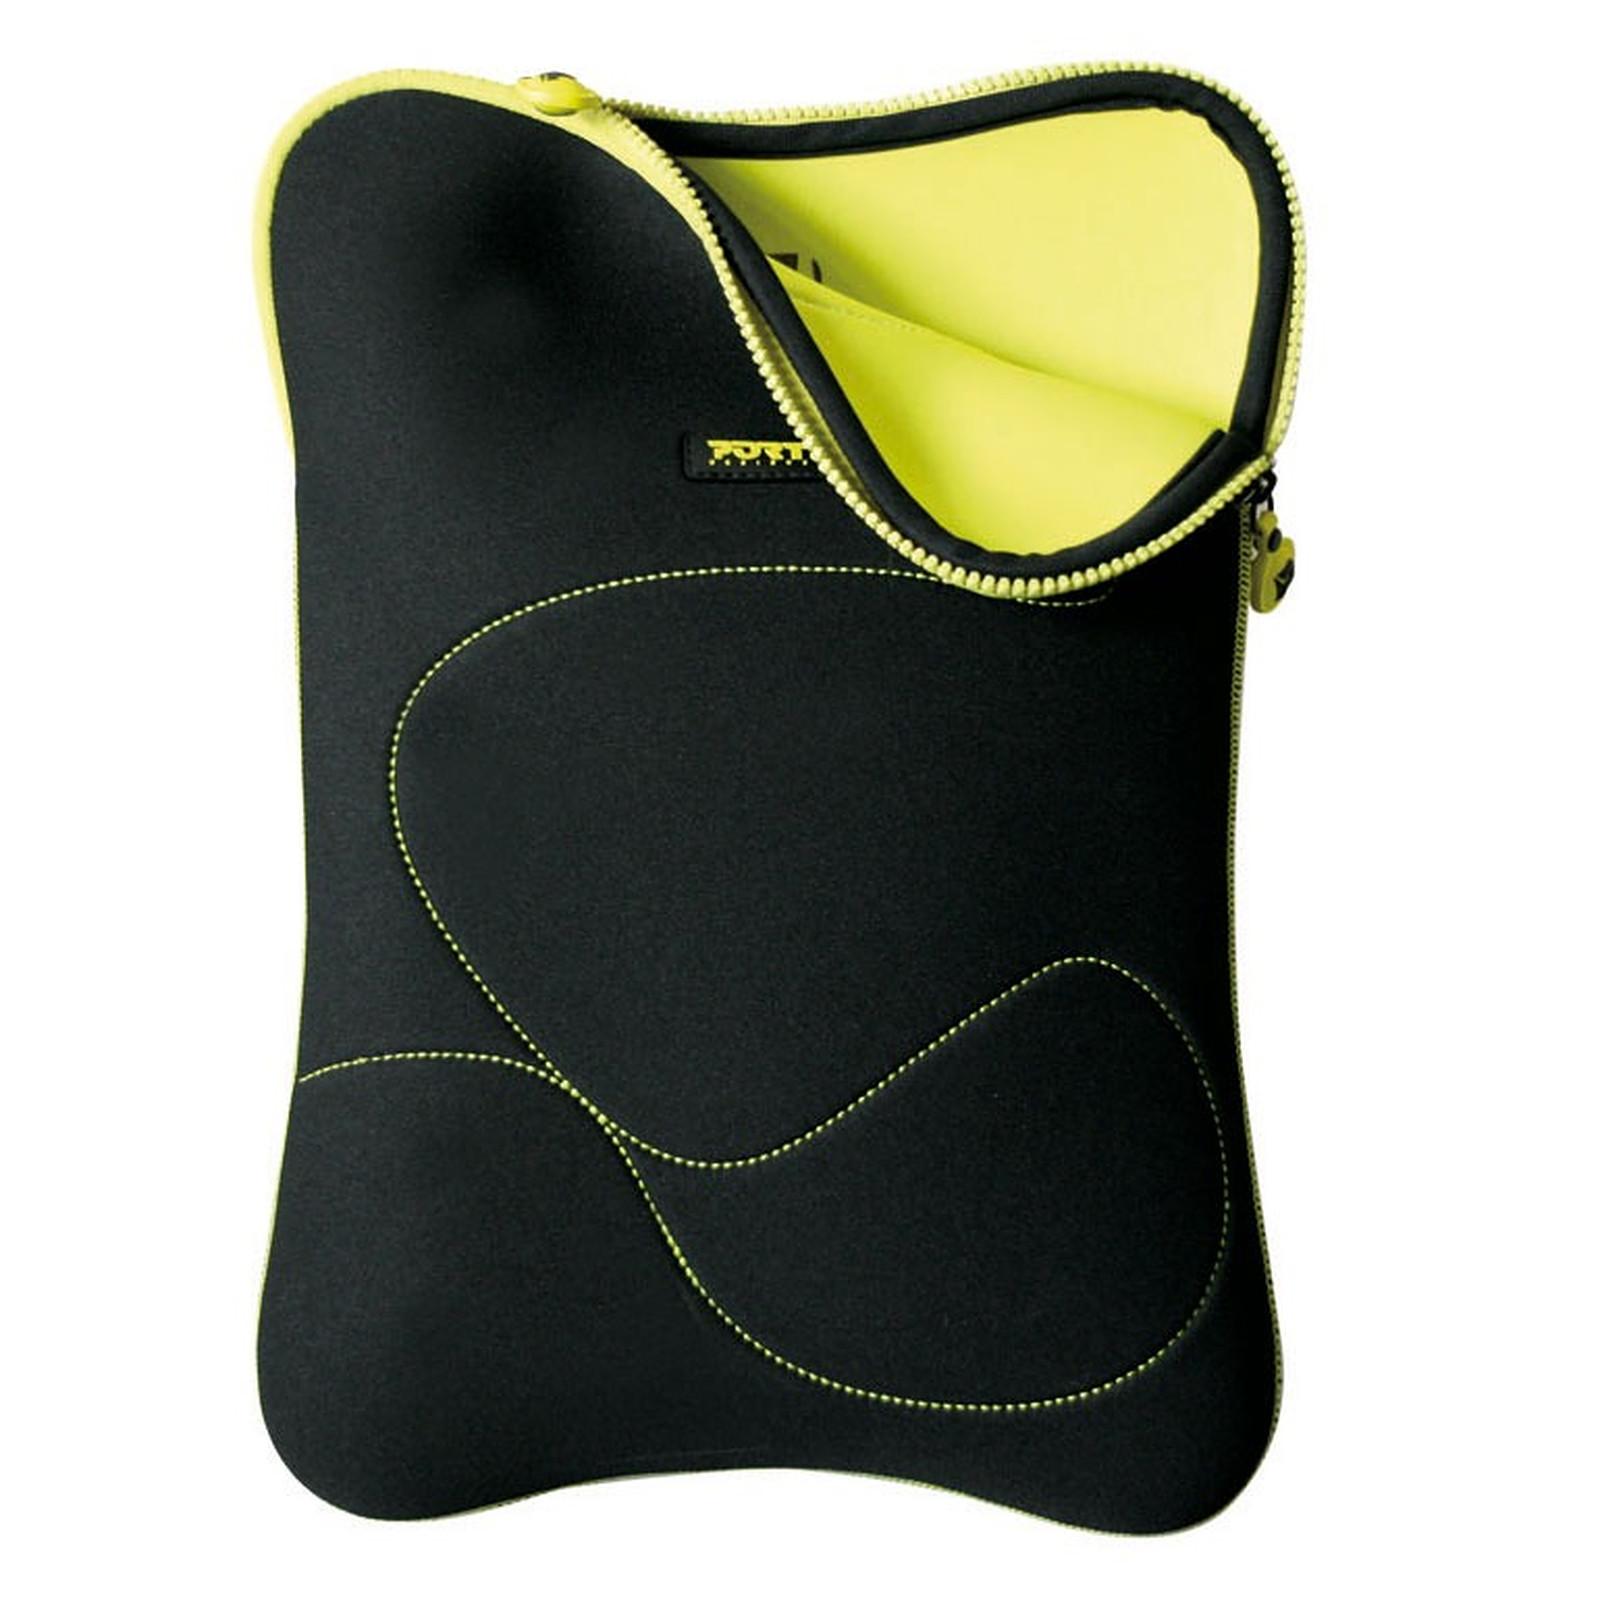 PORT Designs Delhi 10/12 (jaune)